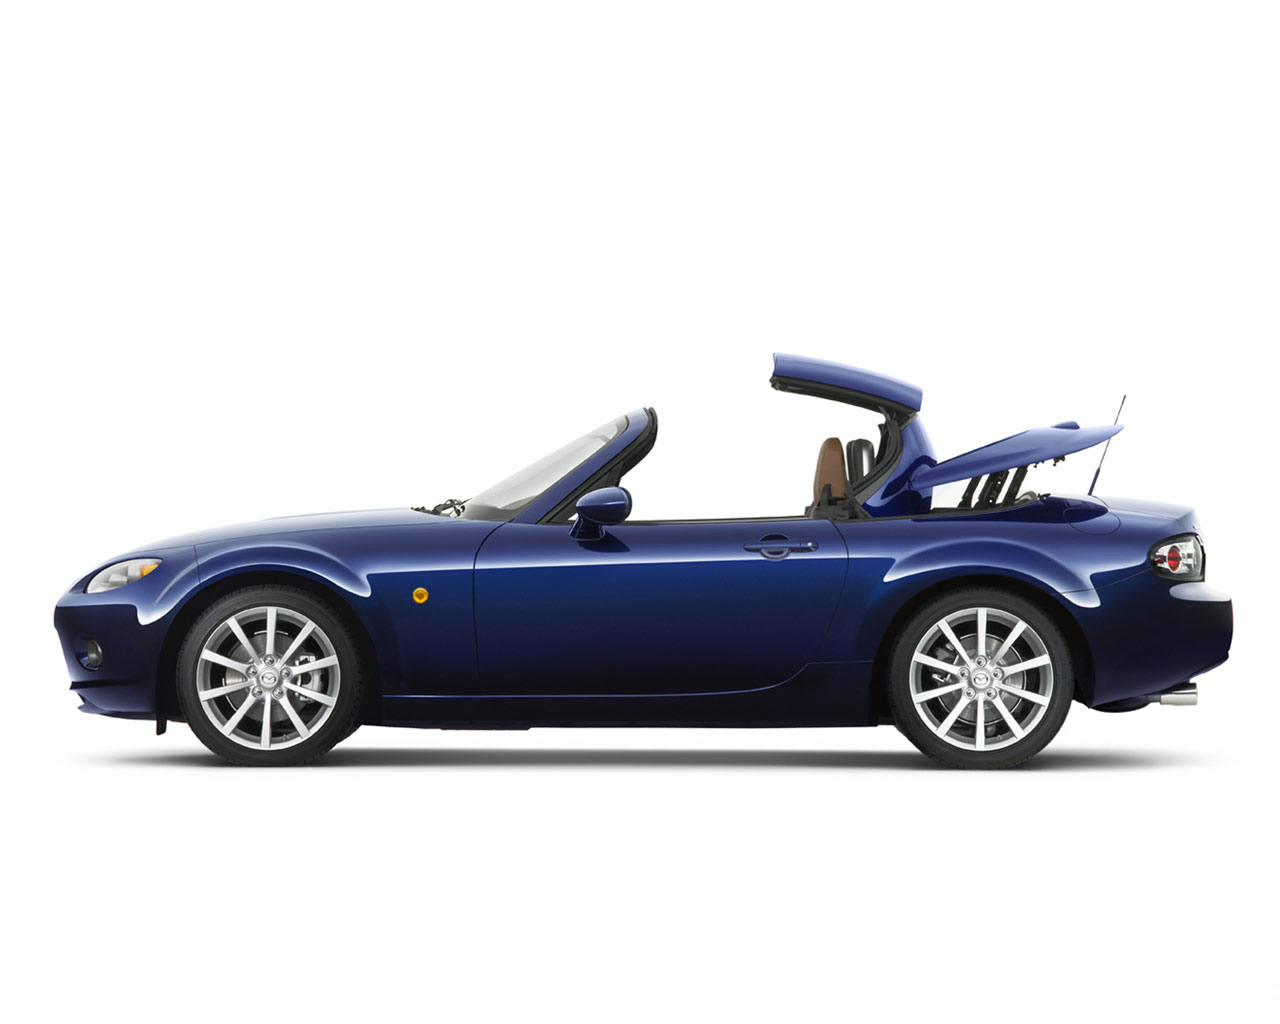 MAZDA MX-5 blue